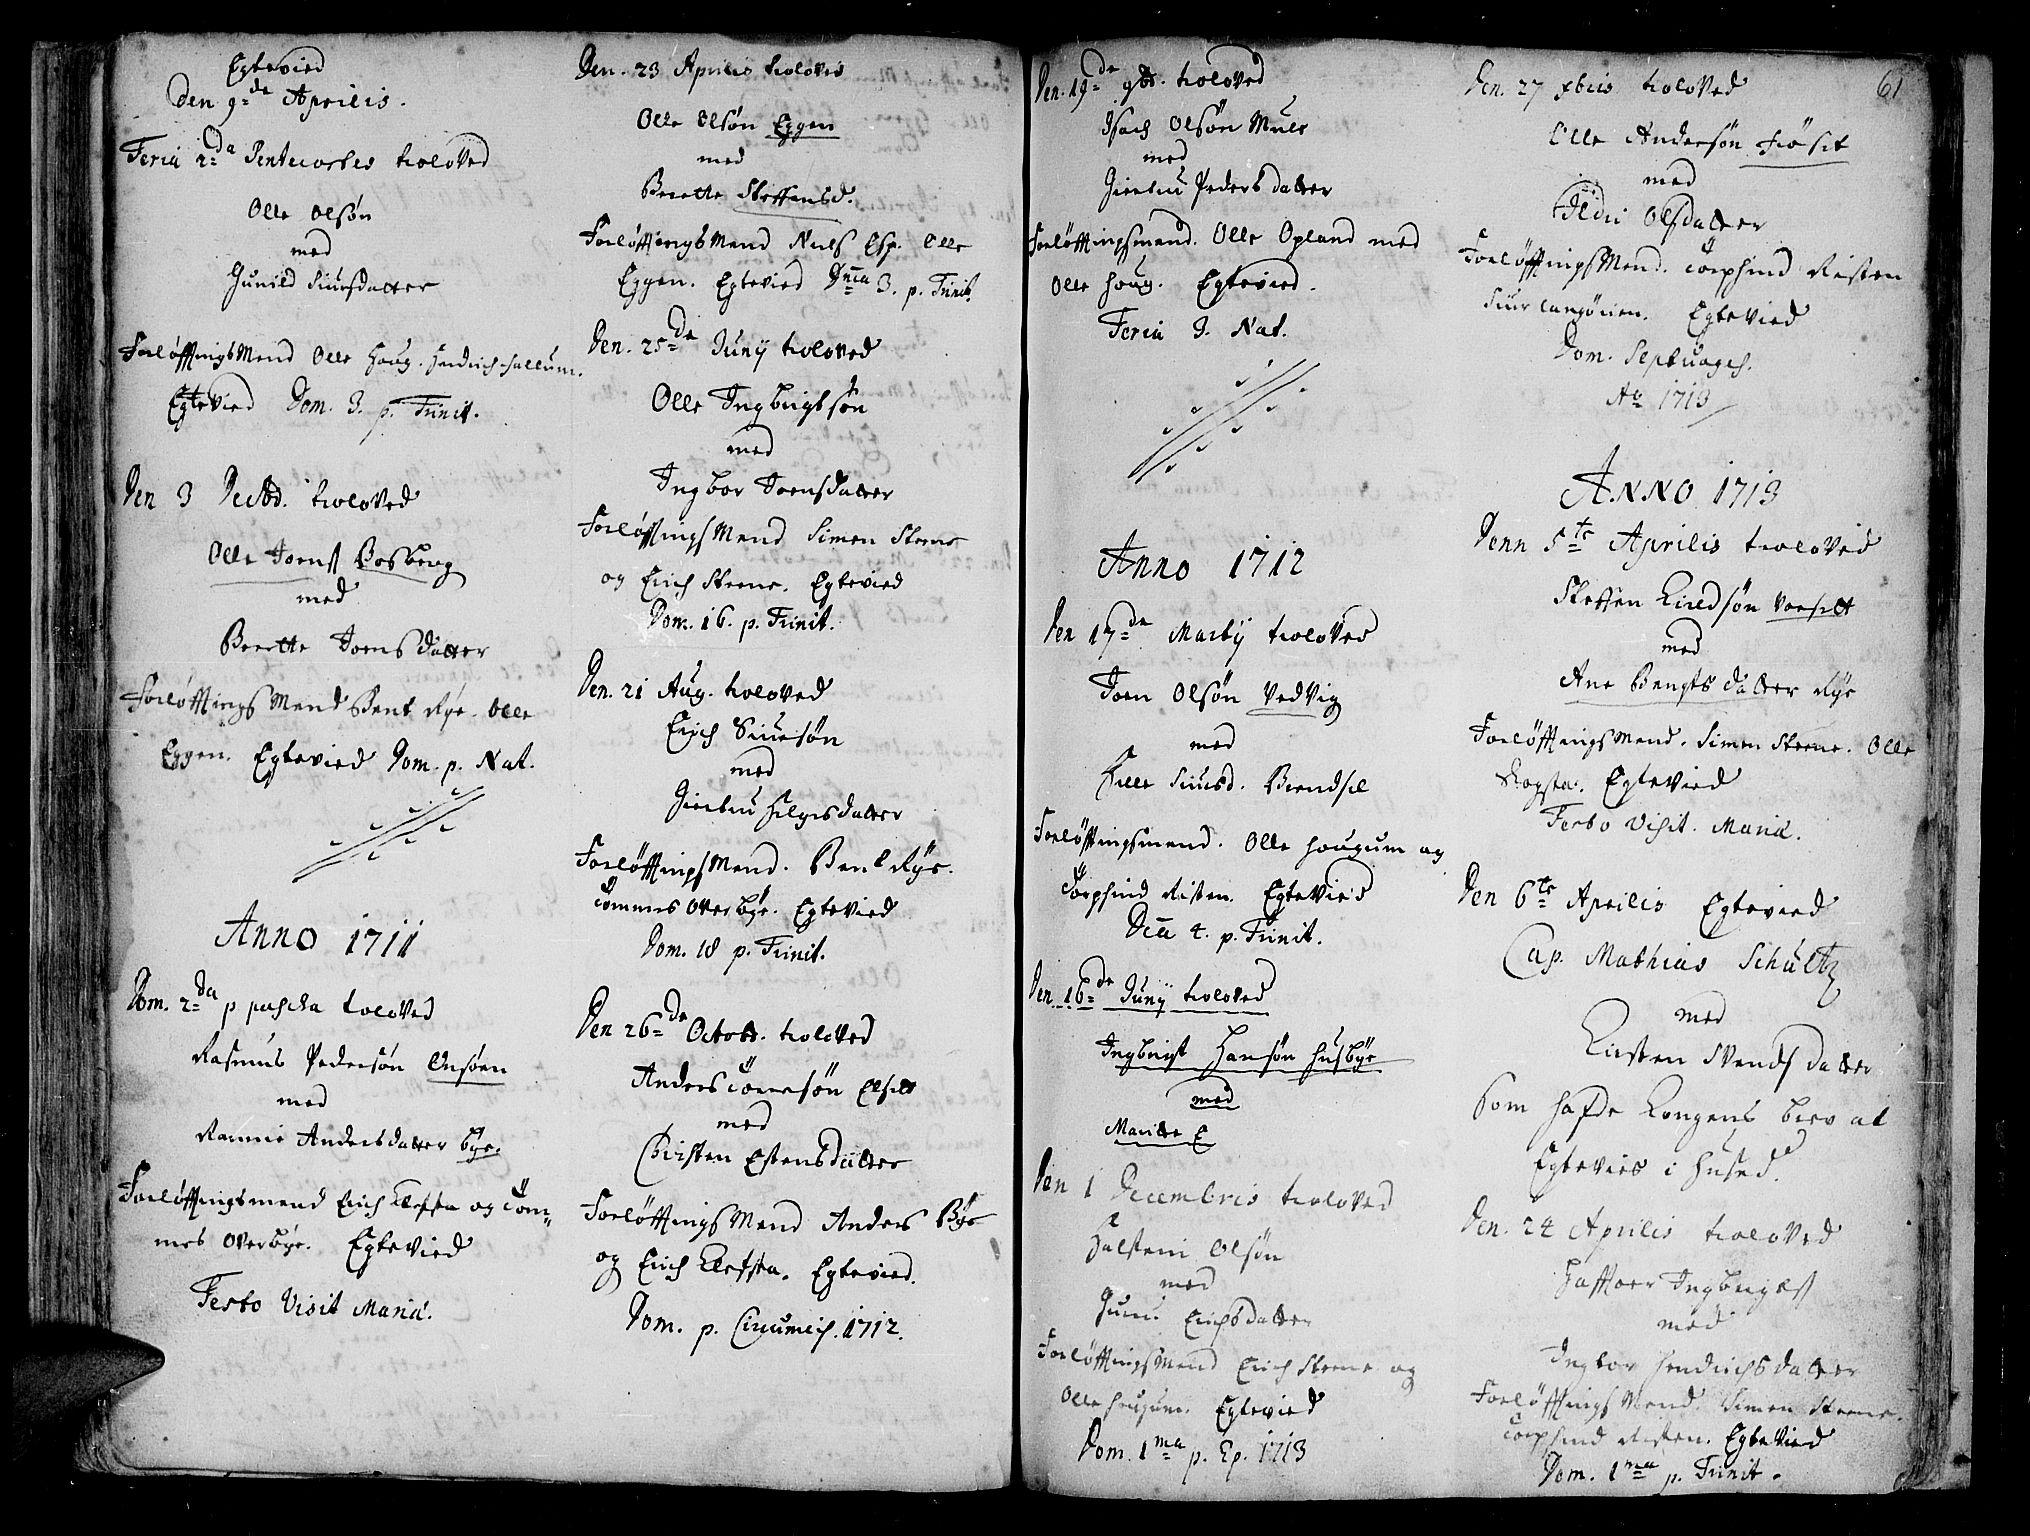 SAT, Ministerialprotokoller, klokkerbøker og fødselsregistre - Sør-Trøndelag, 612/L0368: Ministerialbok nr. 612A02, 1702-1753, s. 61